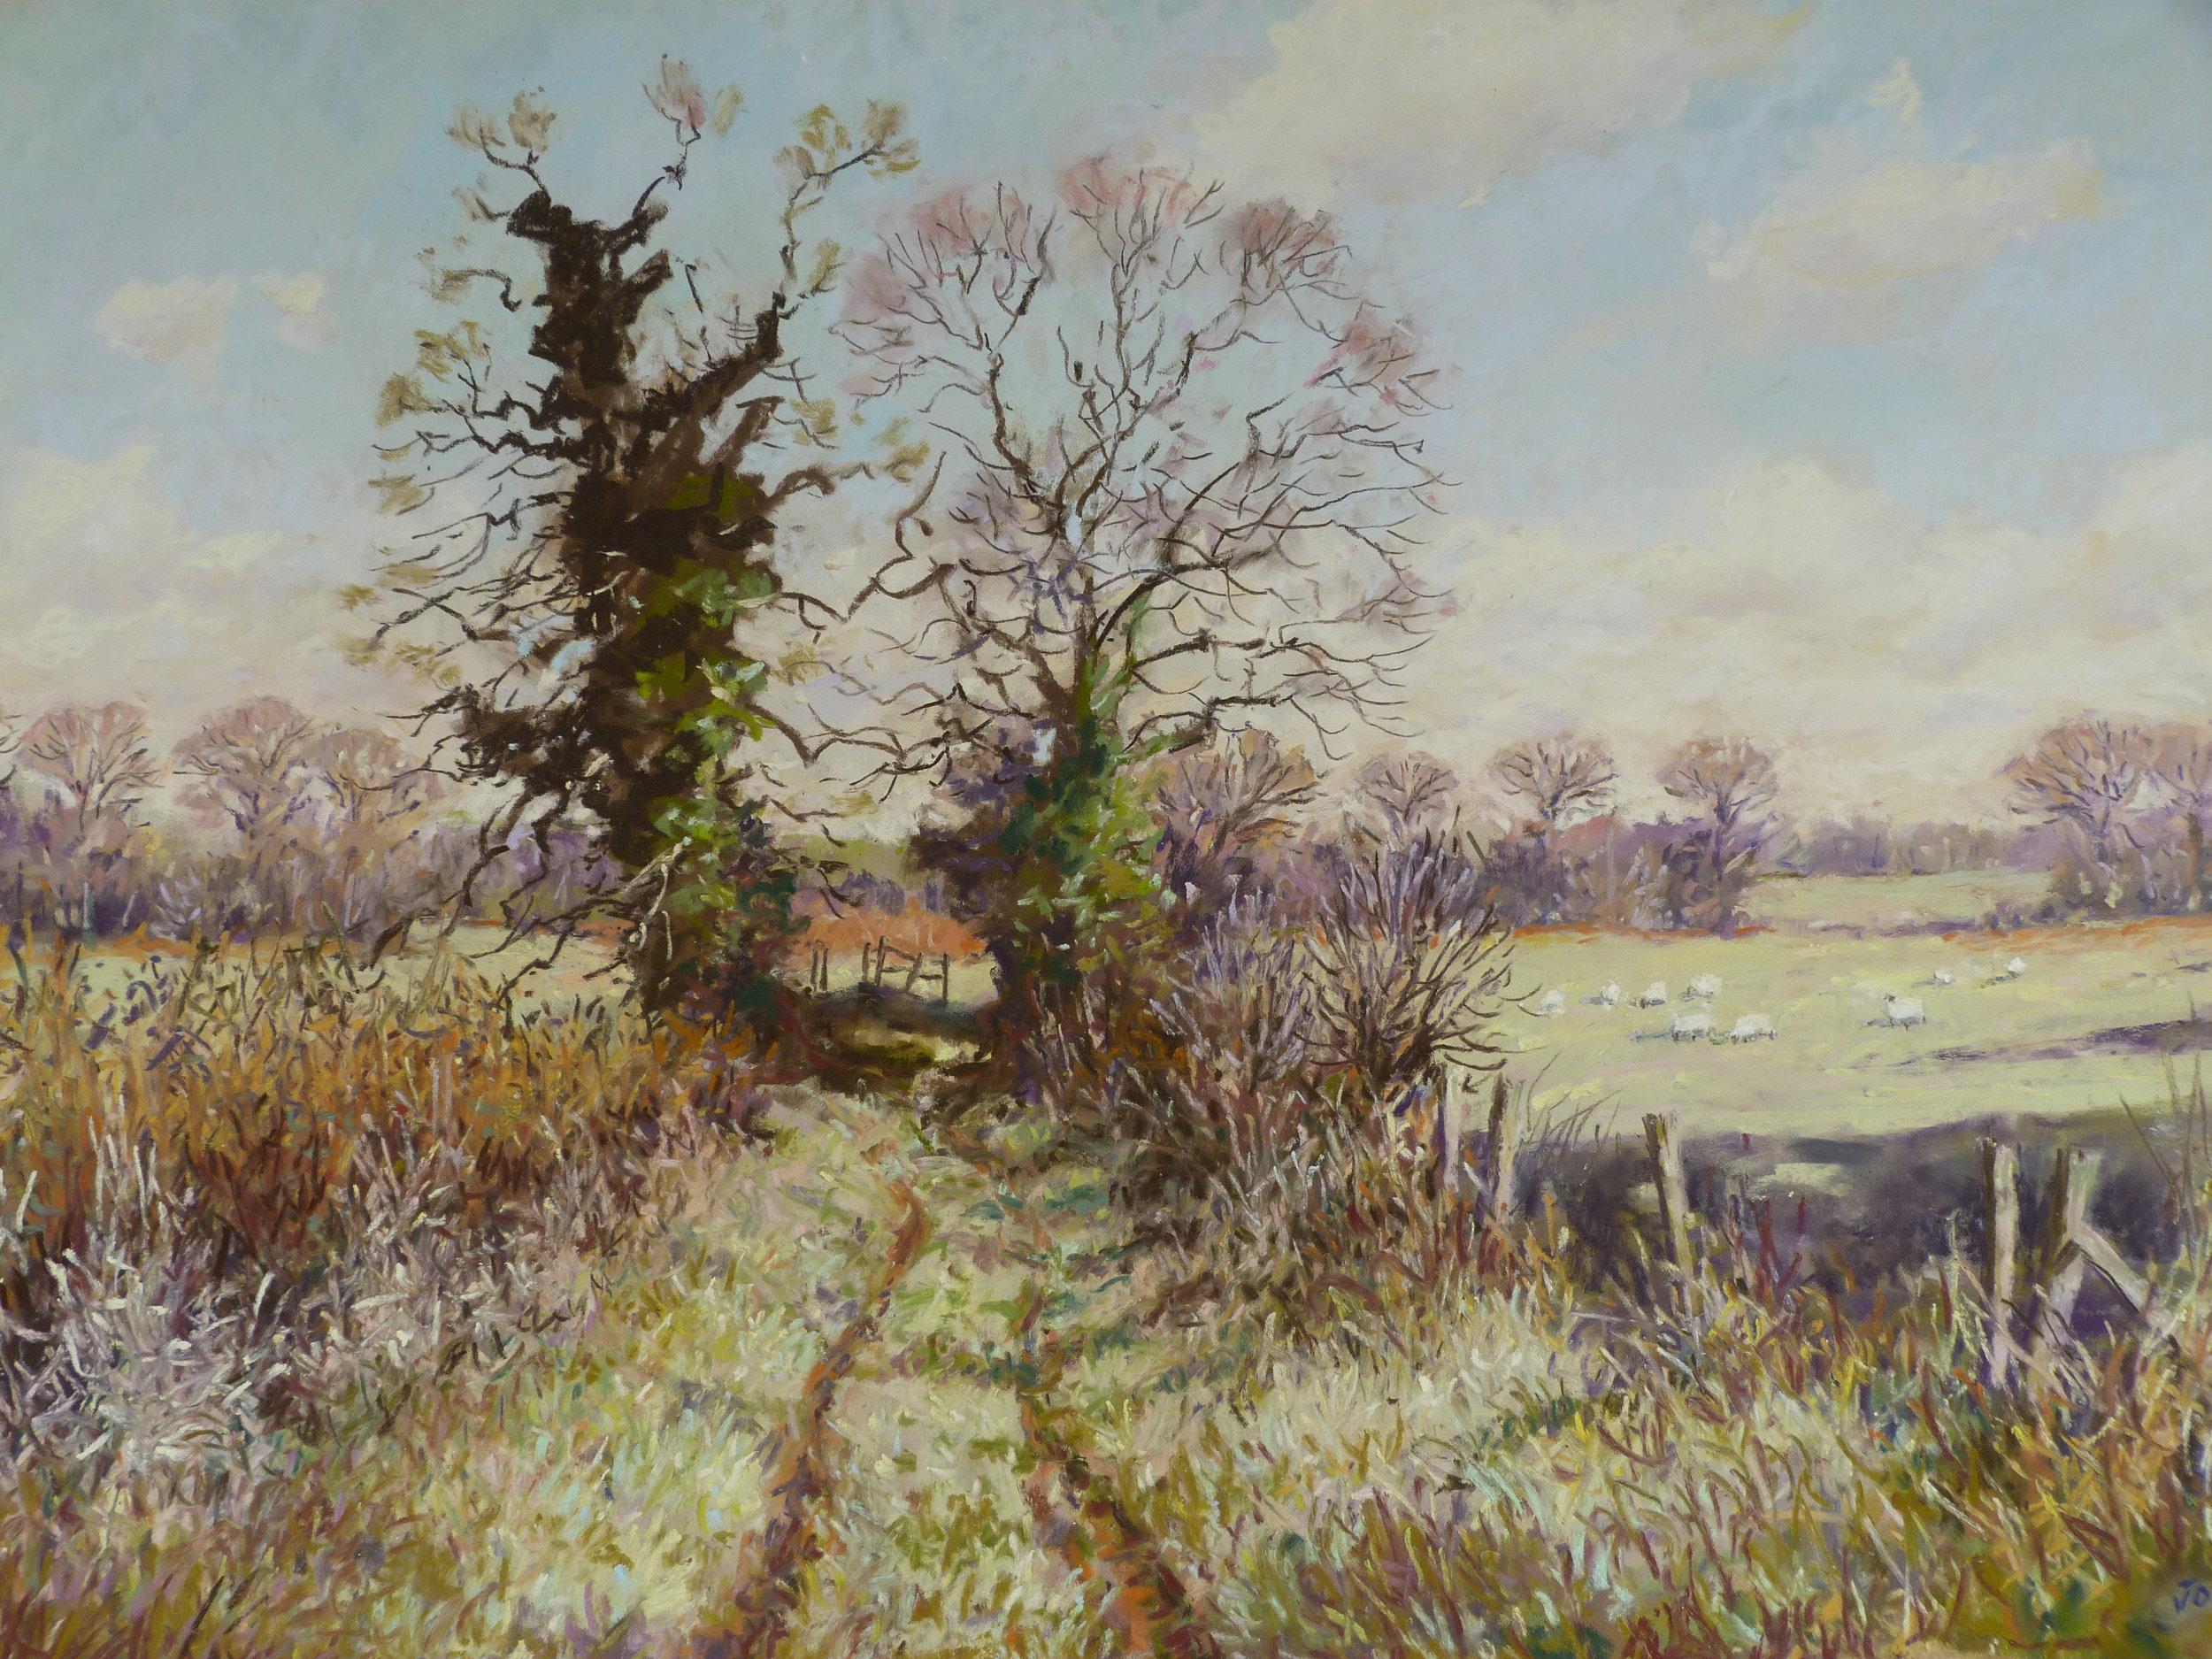 SHEPHERDS LANE: 13.5 x 18 in: pastel